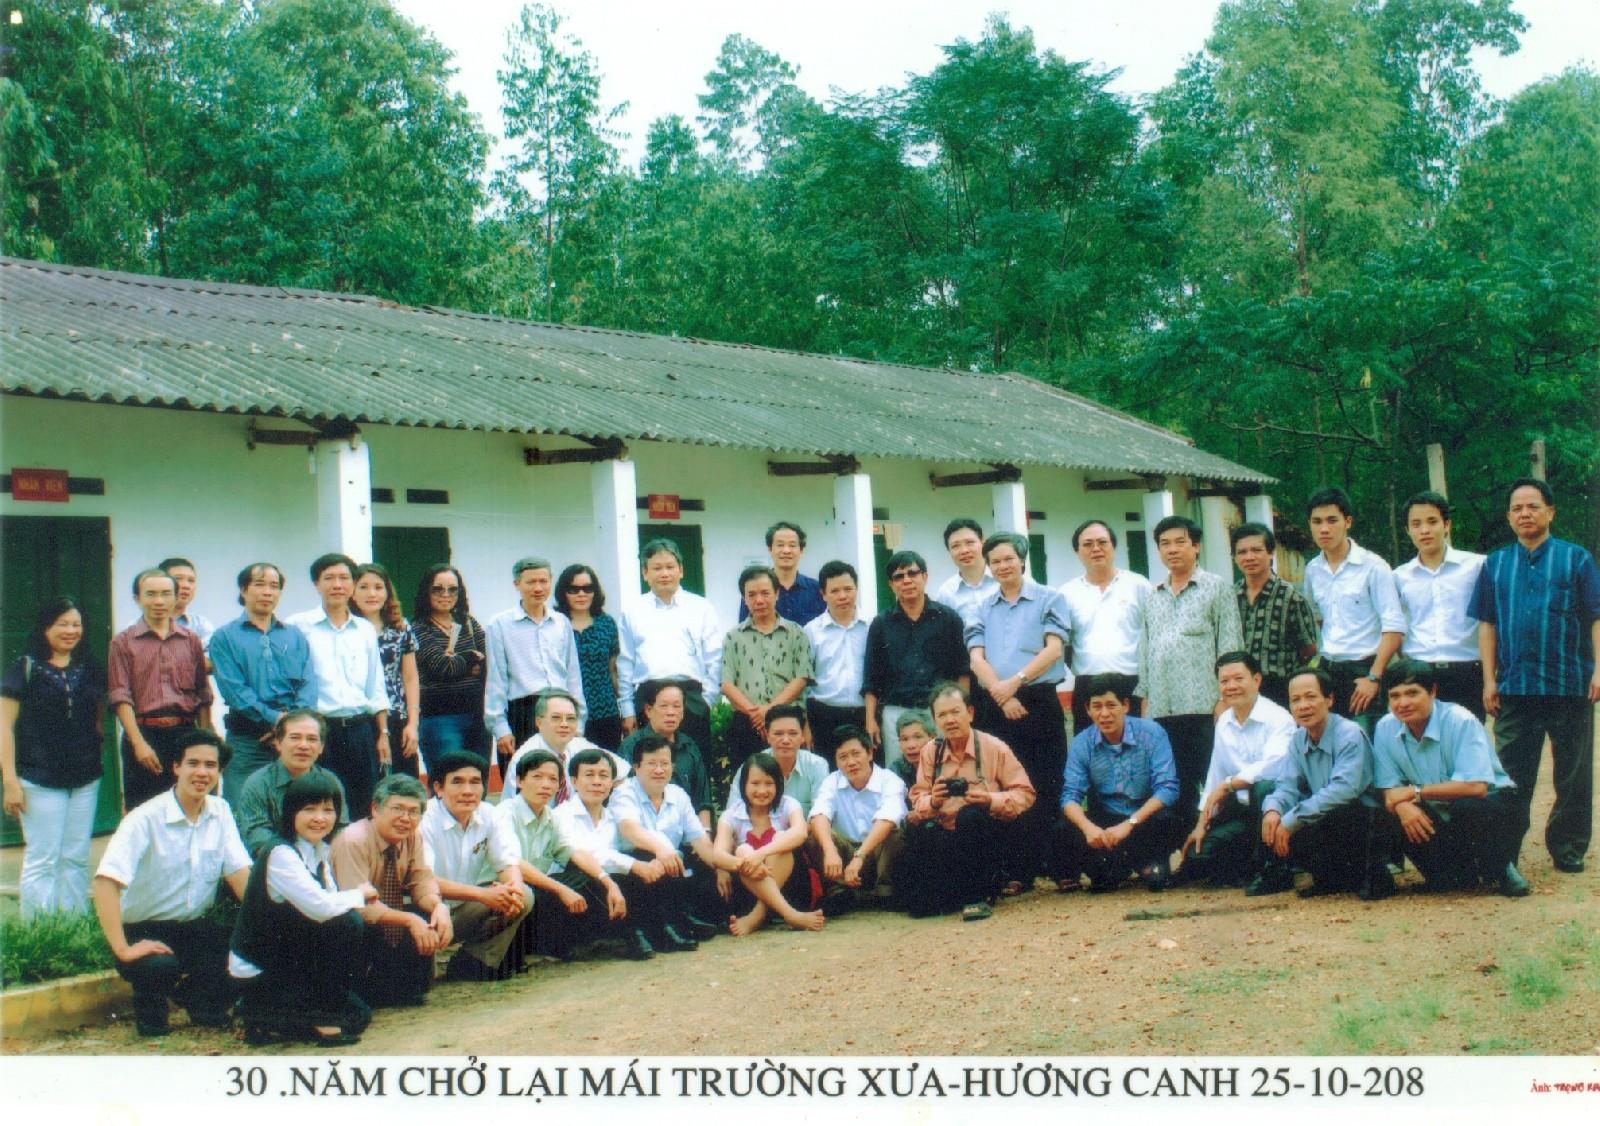 Lớp 18 Nước trở lại Hương Canh sau 30 năm